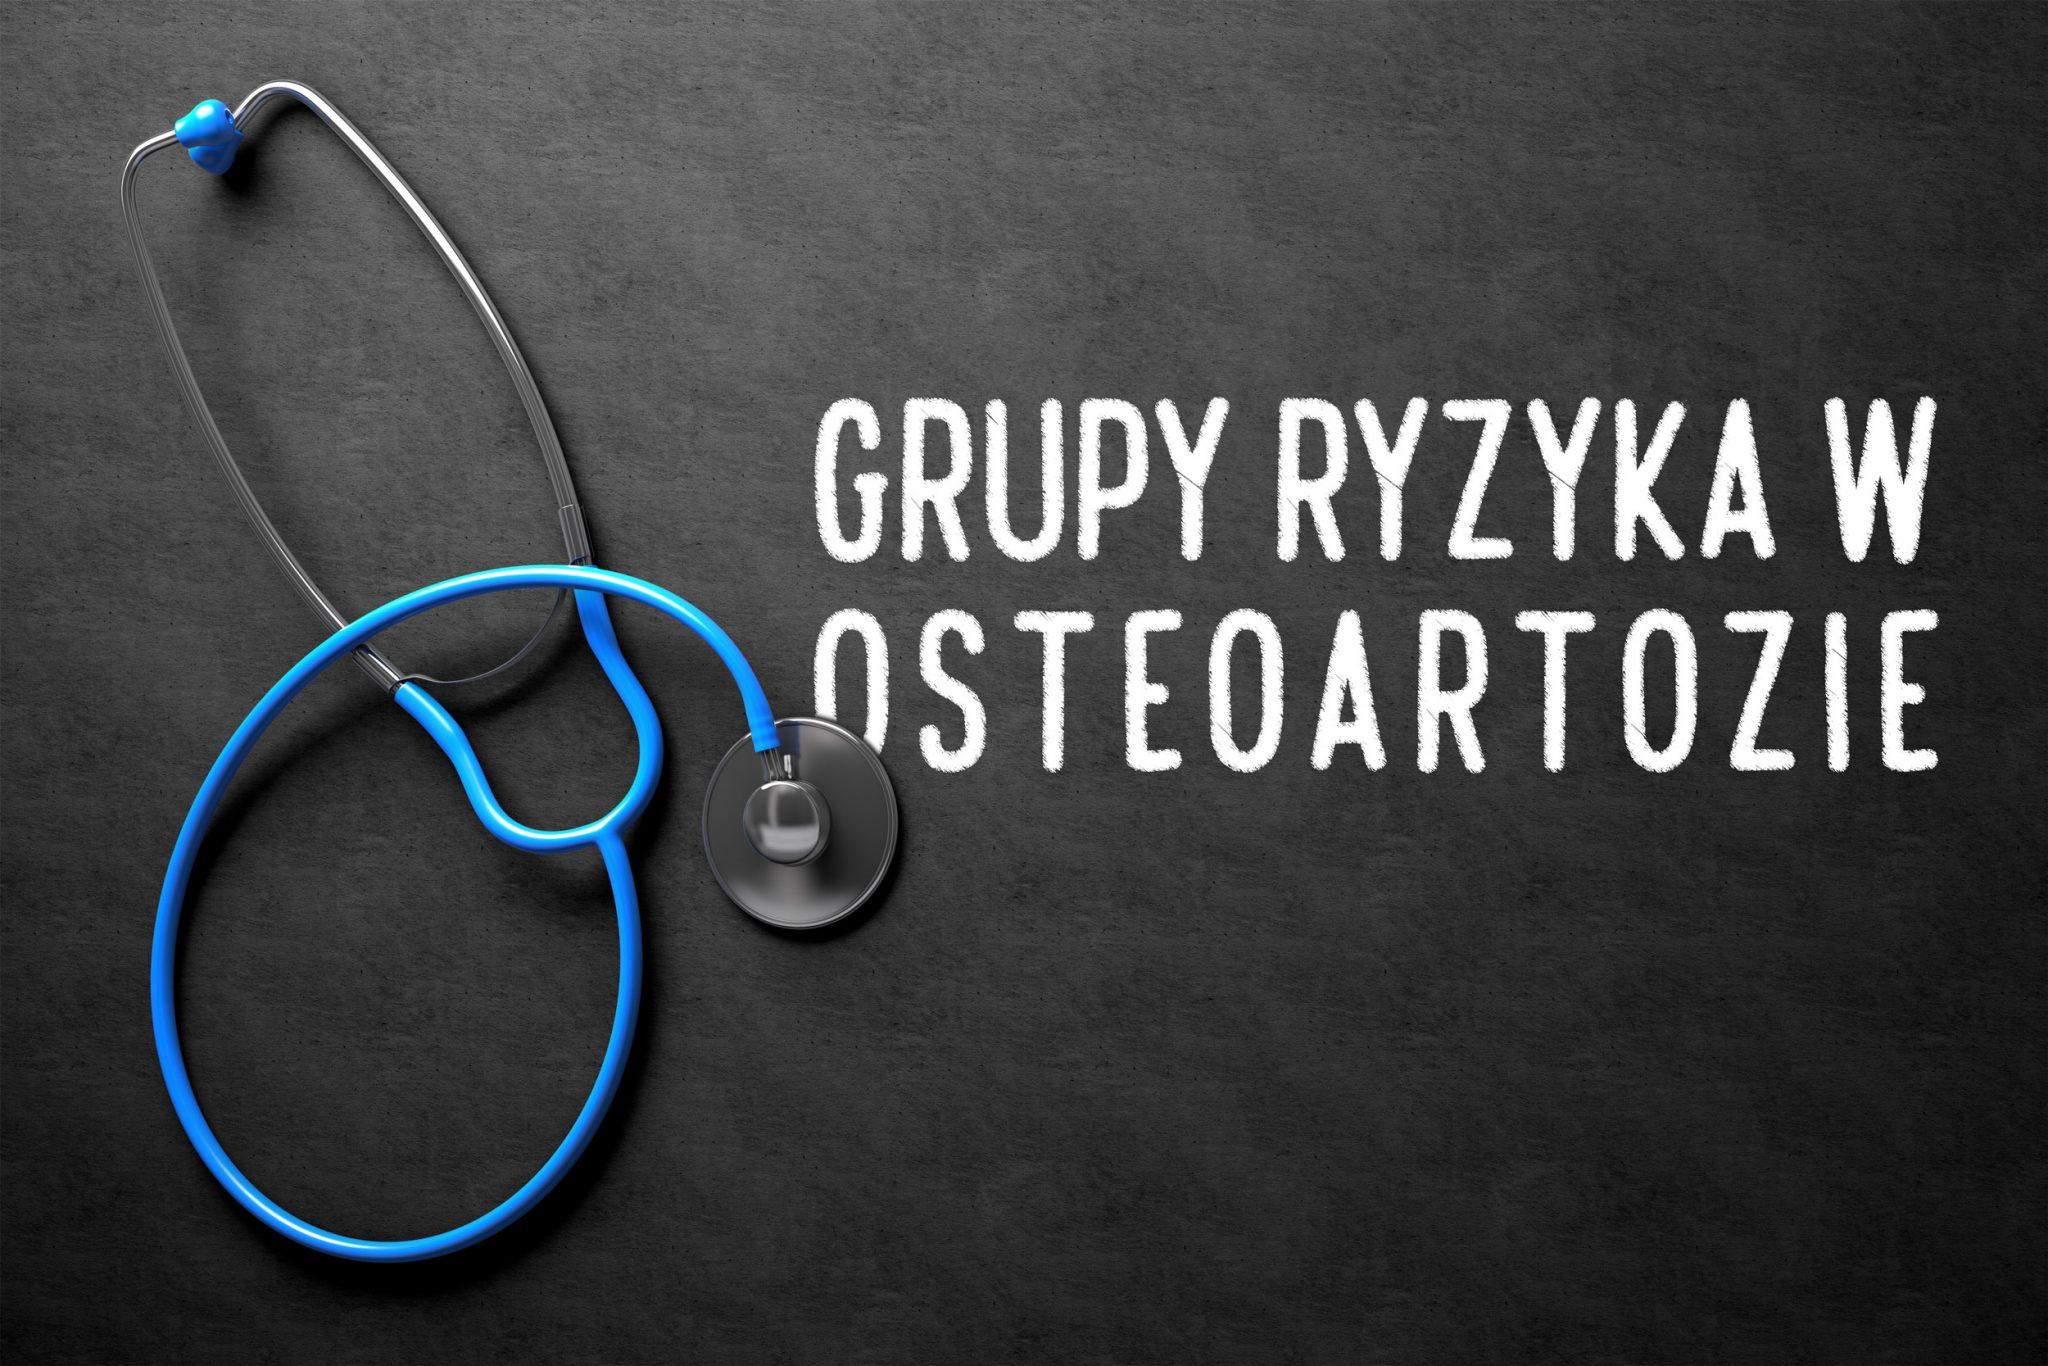 Tablica z napisem grupa ryzyka w osteoartozie